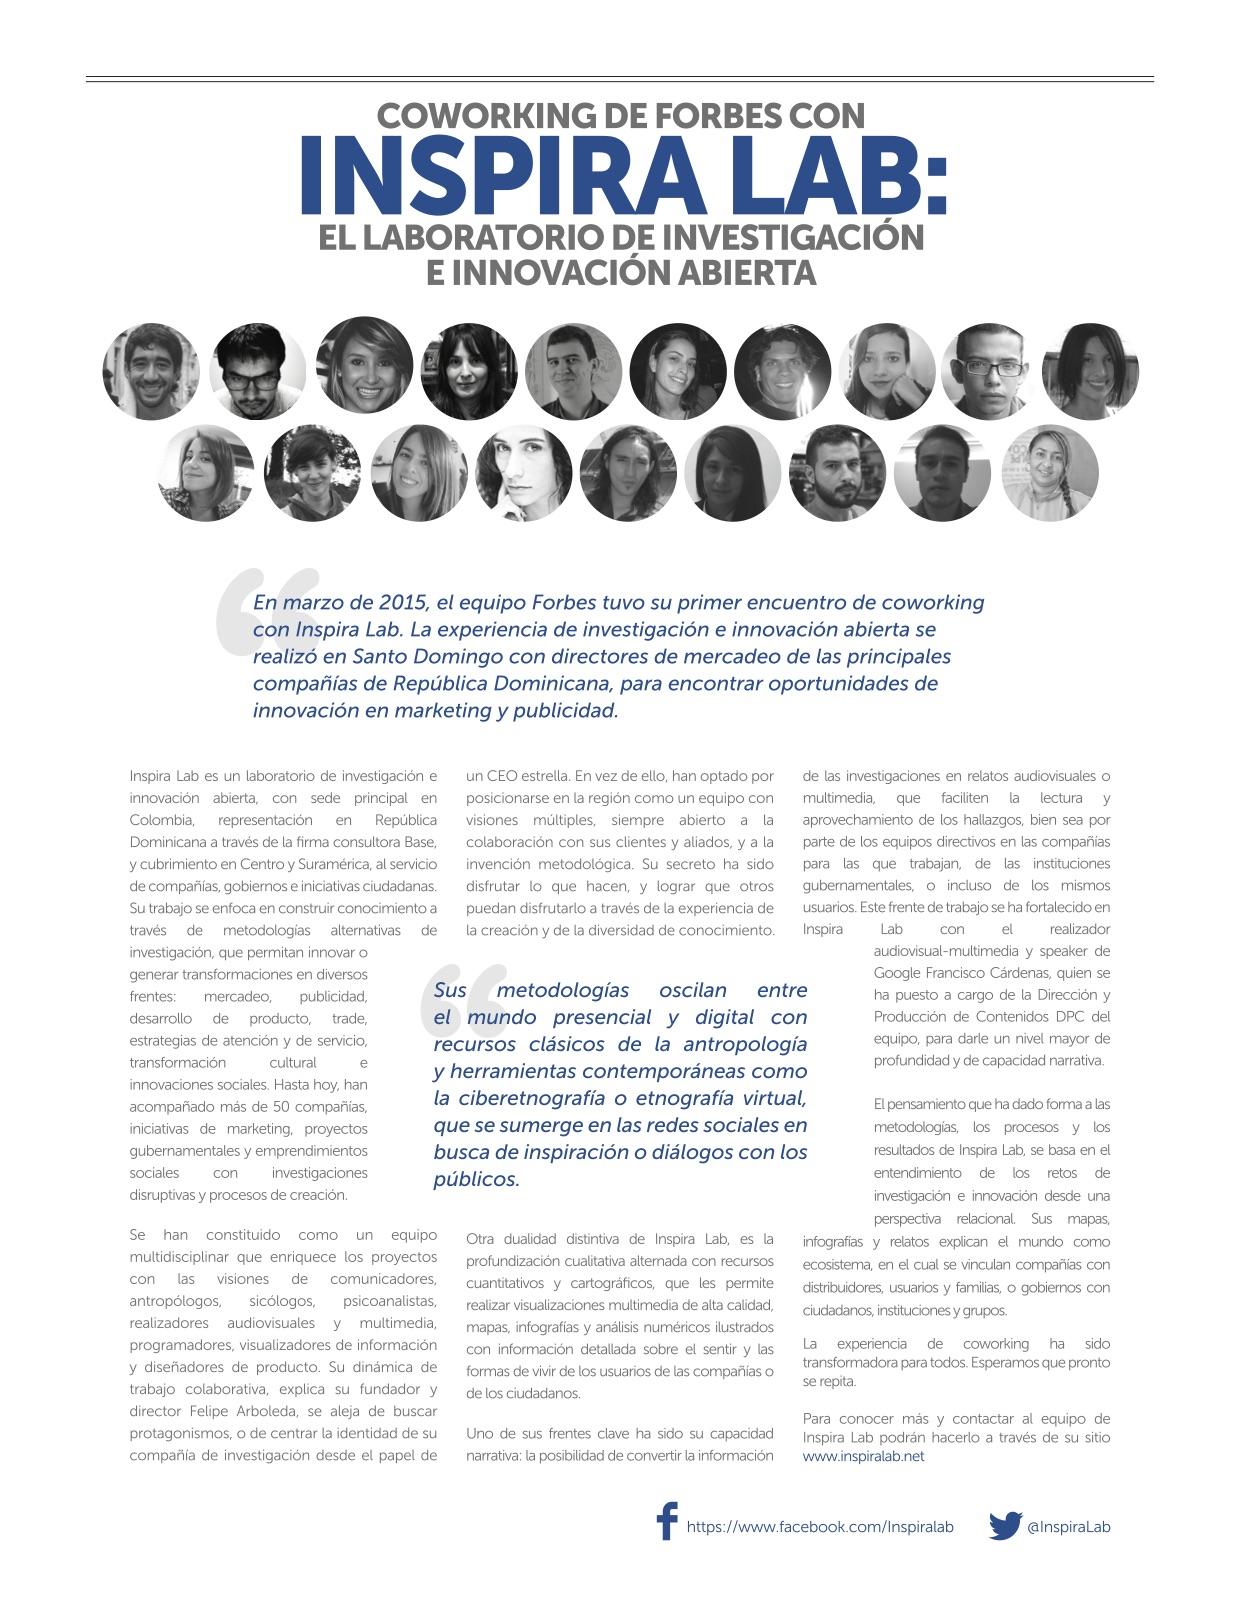 Artículo publicado en la más reciente edición -mayo de 2015- de la Revista Forbes, edición latinoamérica, sobre nuestro trabajo y la experiencia de co-working con ellos y con los directores de mercadeo de las principales compañías de República Dominicana.